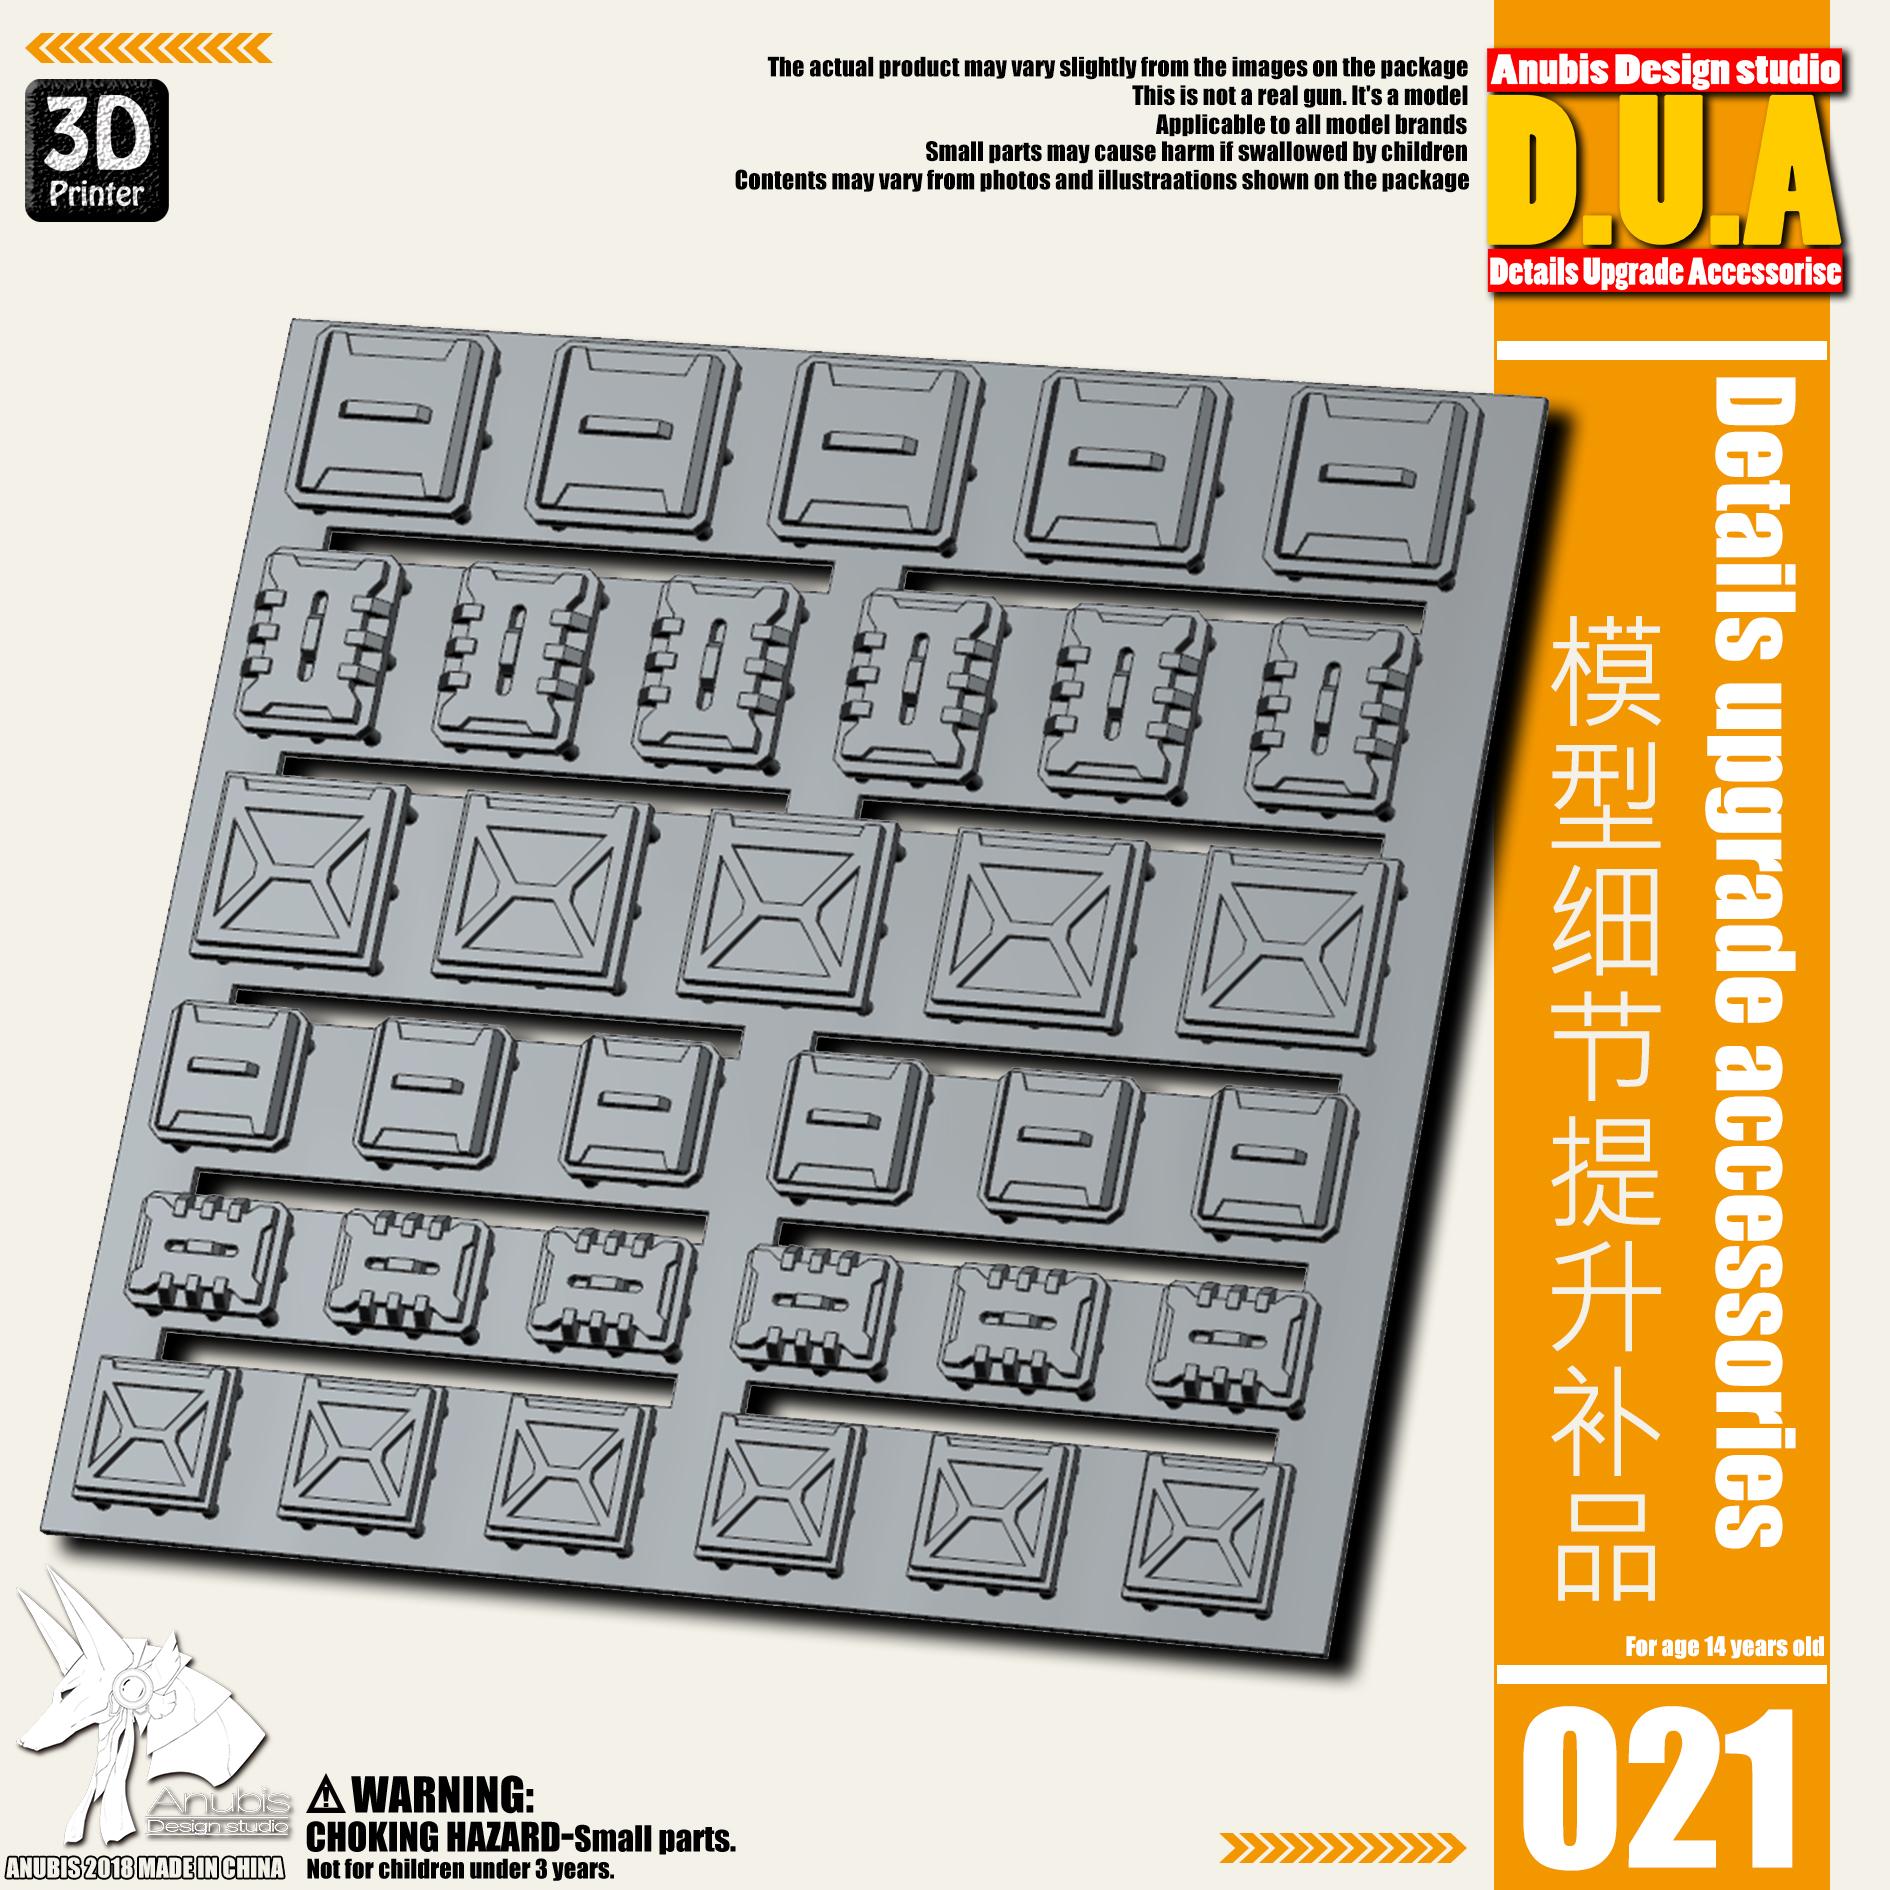 G413_DUA021_001.jpg